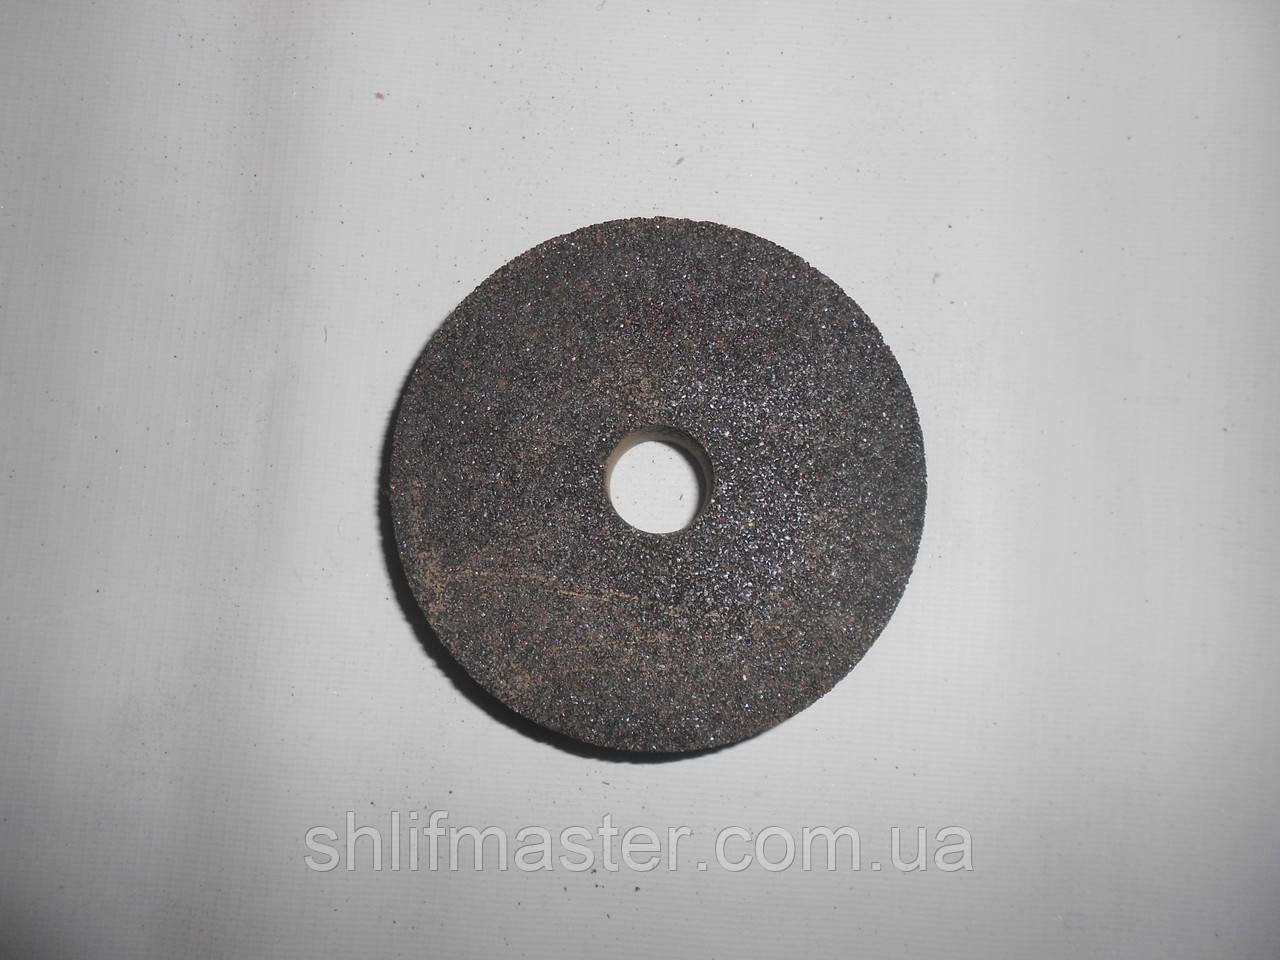 Круг шлифовальный бакелитовый 14А ПП 80х20х20 16 СТ